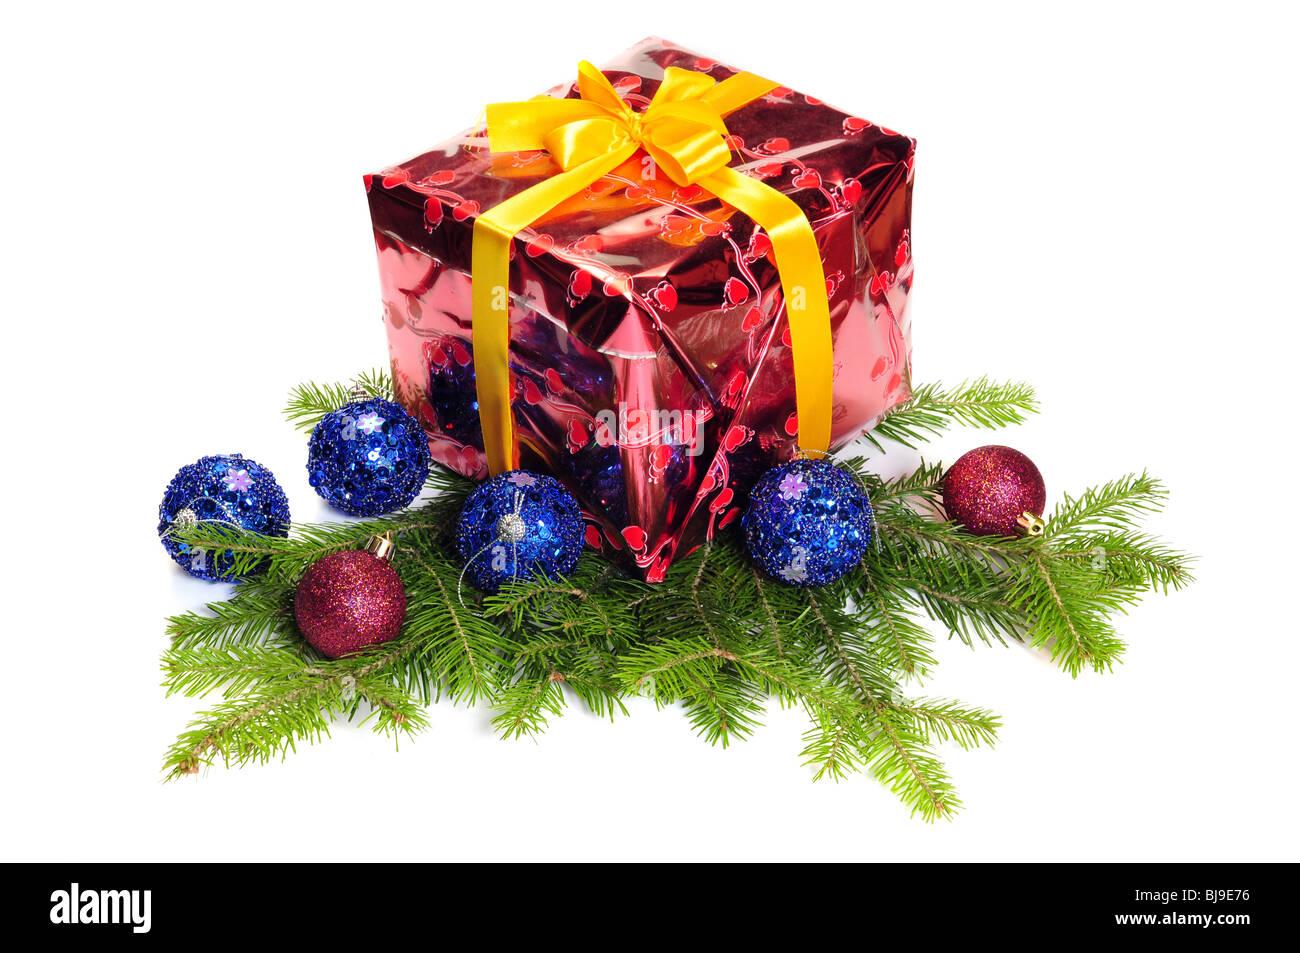 Caja de regalo y decoración de Navidad en blanco Imagen De Stock